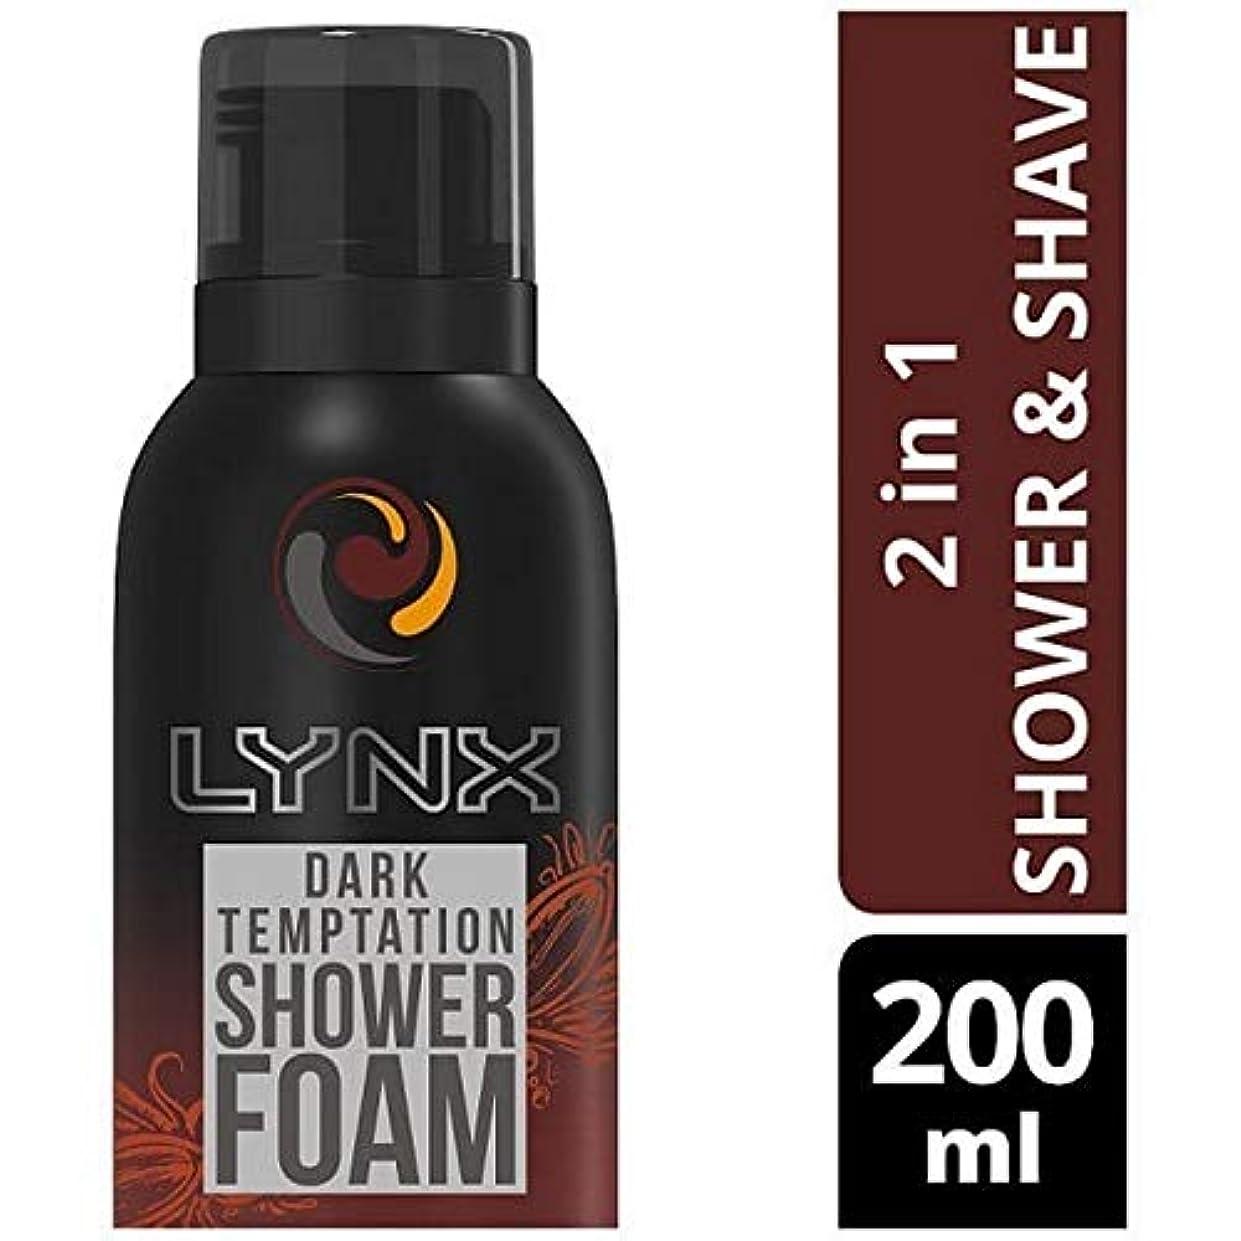 ビーチアベニュー正直[Lynx ] オオヤマネコダーク誘惑ダークチョコレートの香りシャワー泡200ミリリットル - Lynx Dark Temptation Dark Chocolate Scent Shower Foam 200ml [並行輸入品]